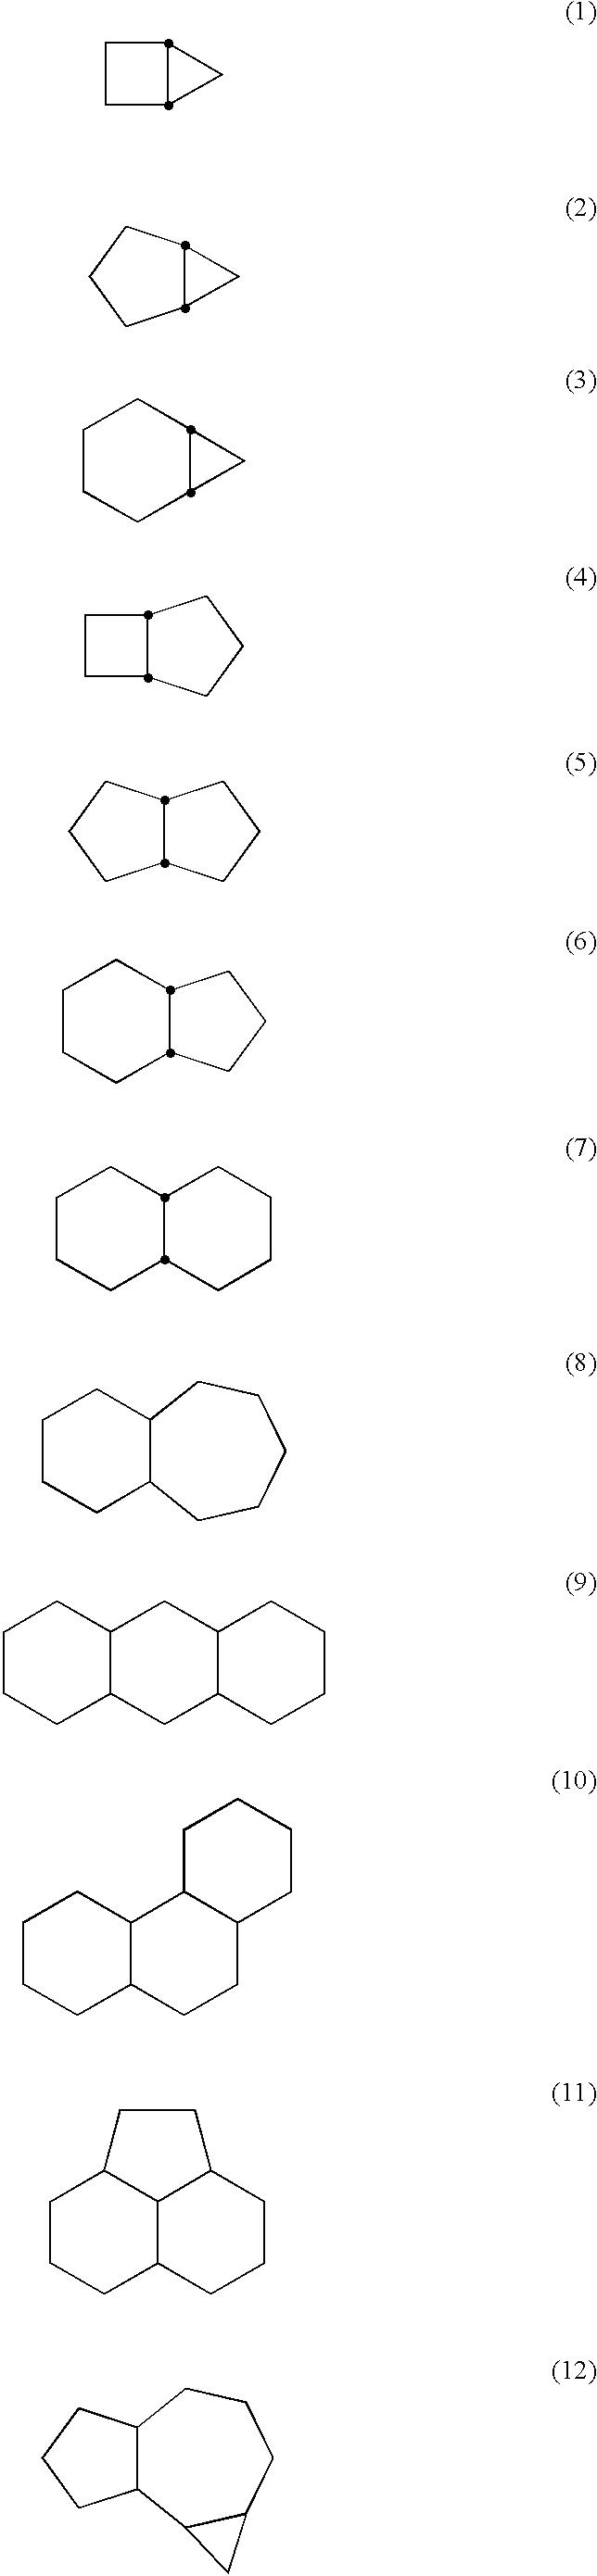 Figure US06492091-20021210-C00076